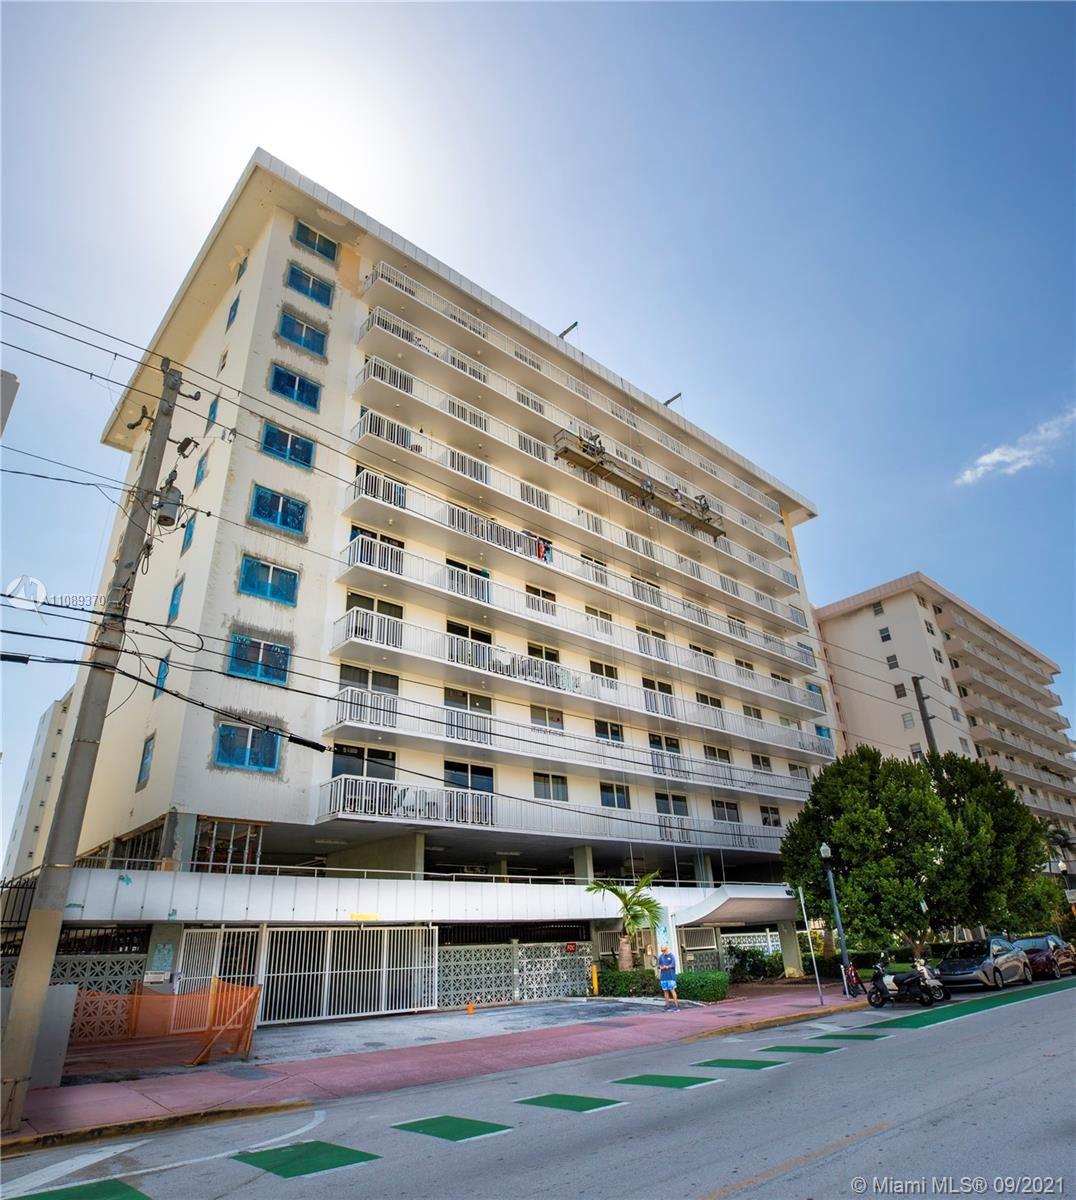 401 Ocean Dr #501, Miami Beach, FL 33139 - #: A11089370